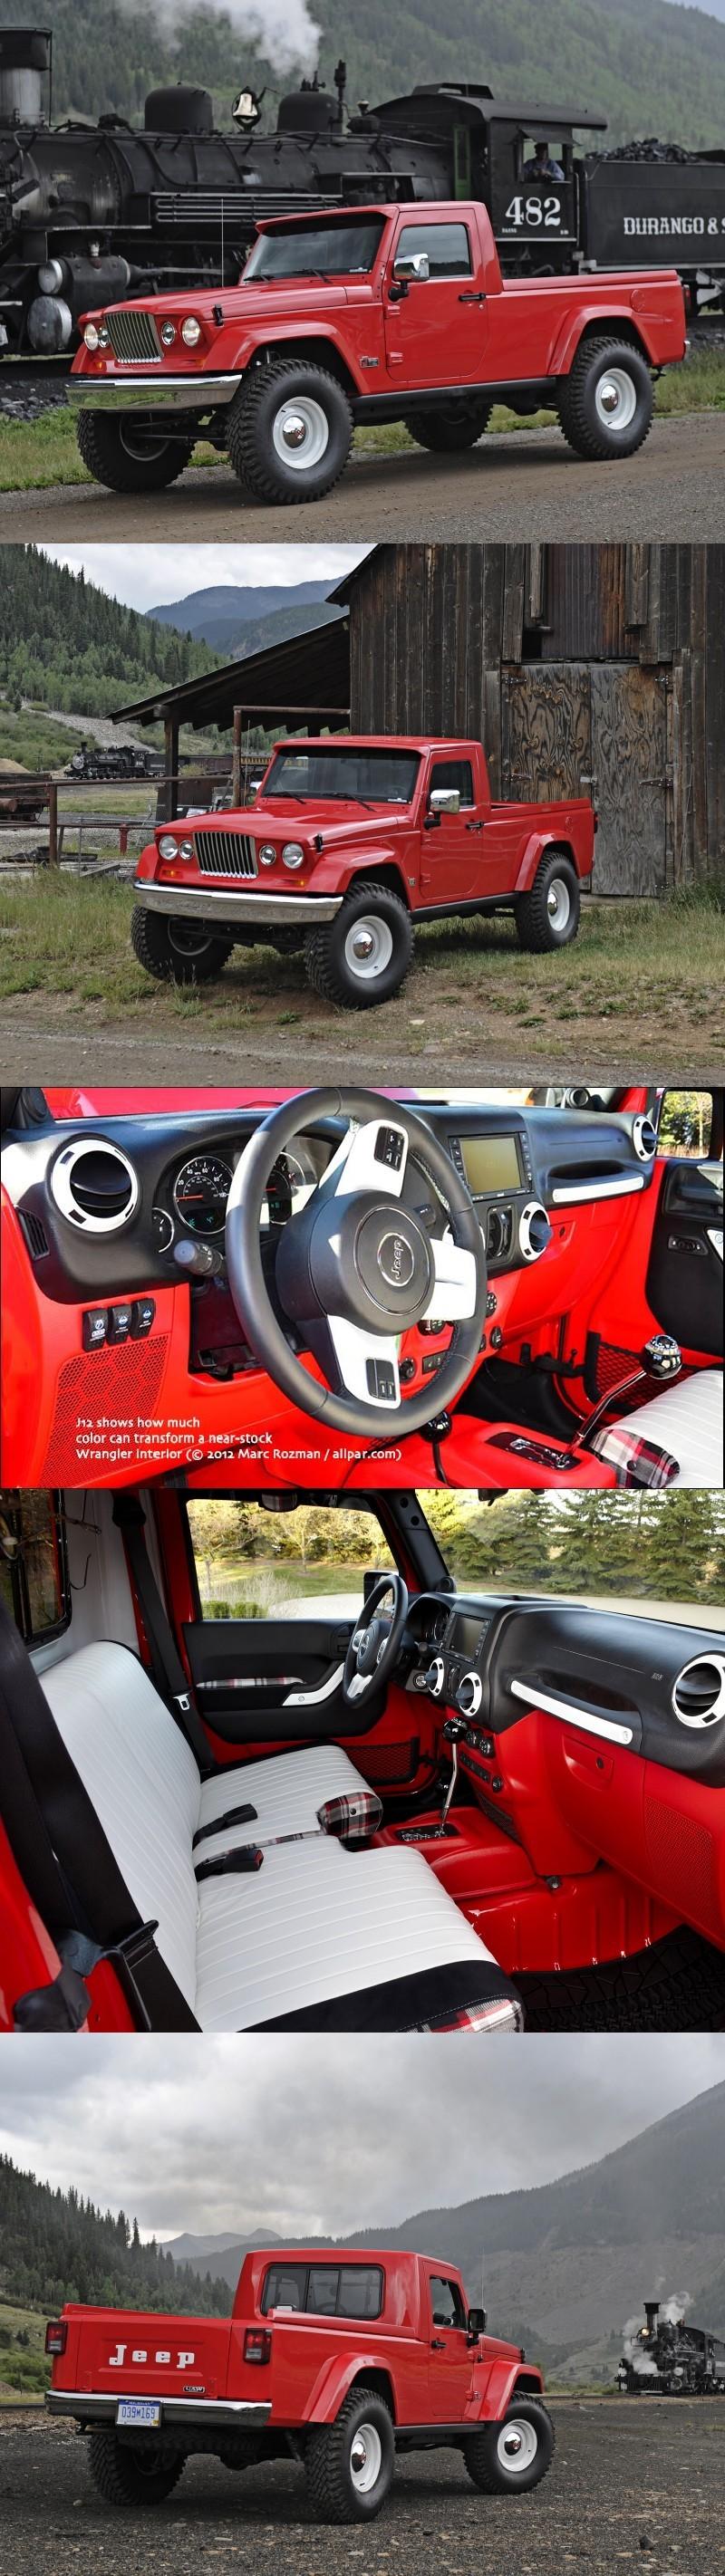 Pin by c_a_l_e_b on Trucks & Jeeps Jeep concept, Concept